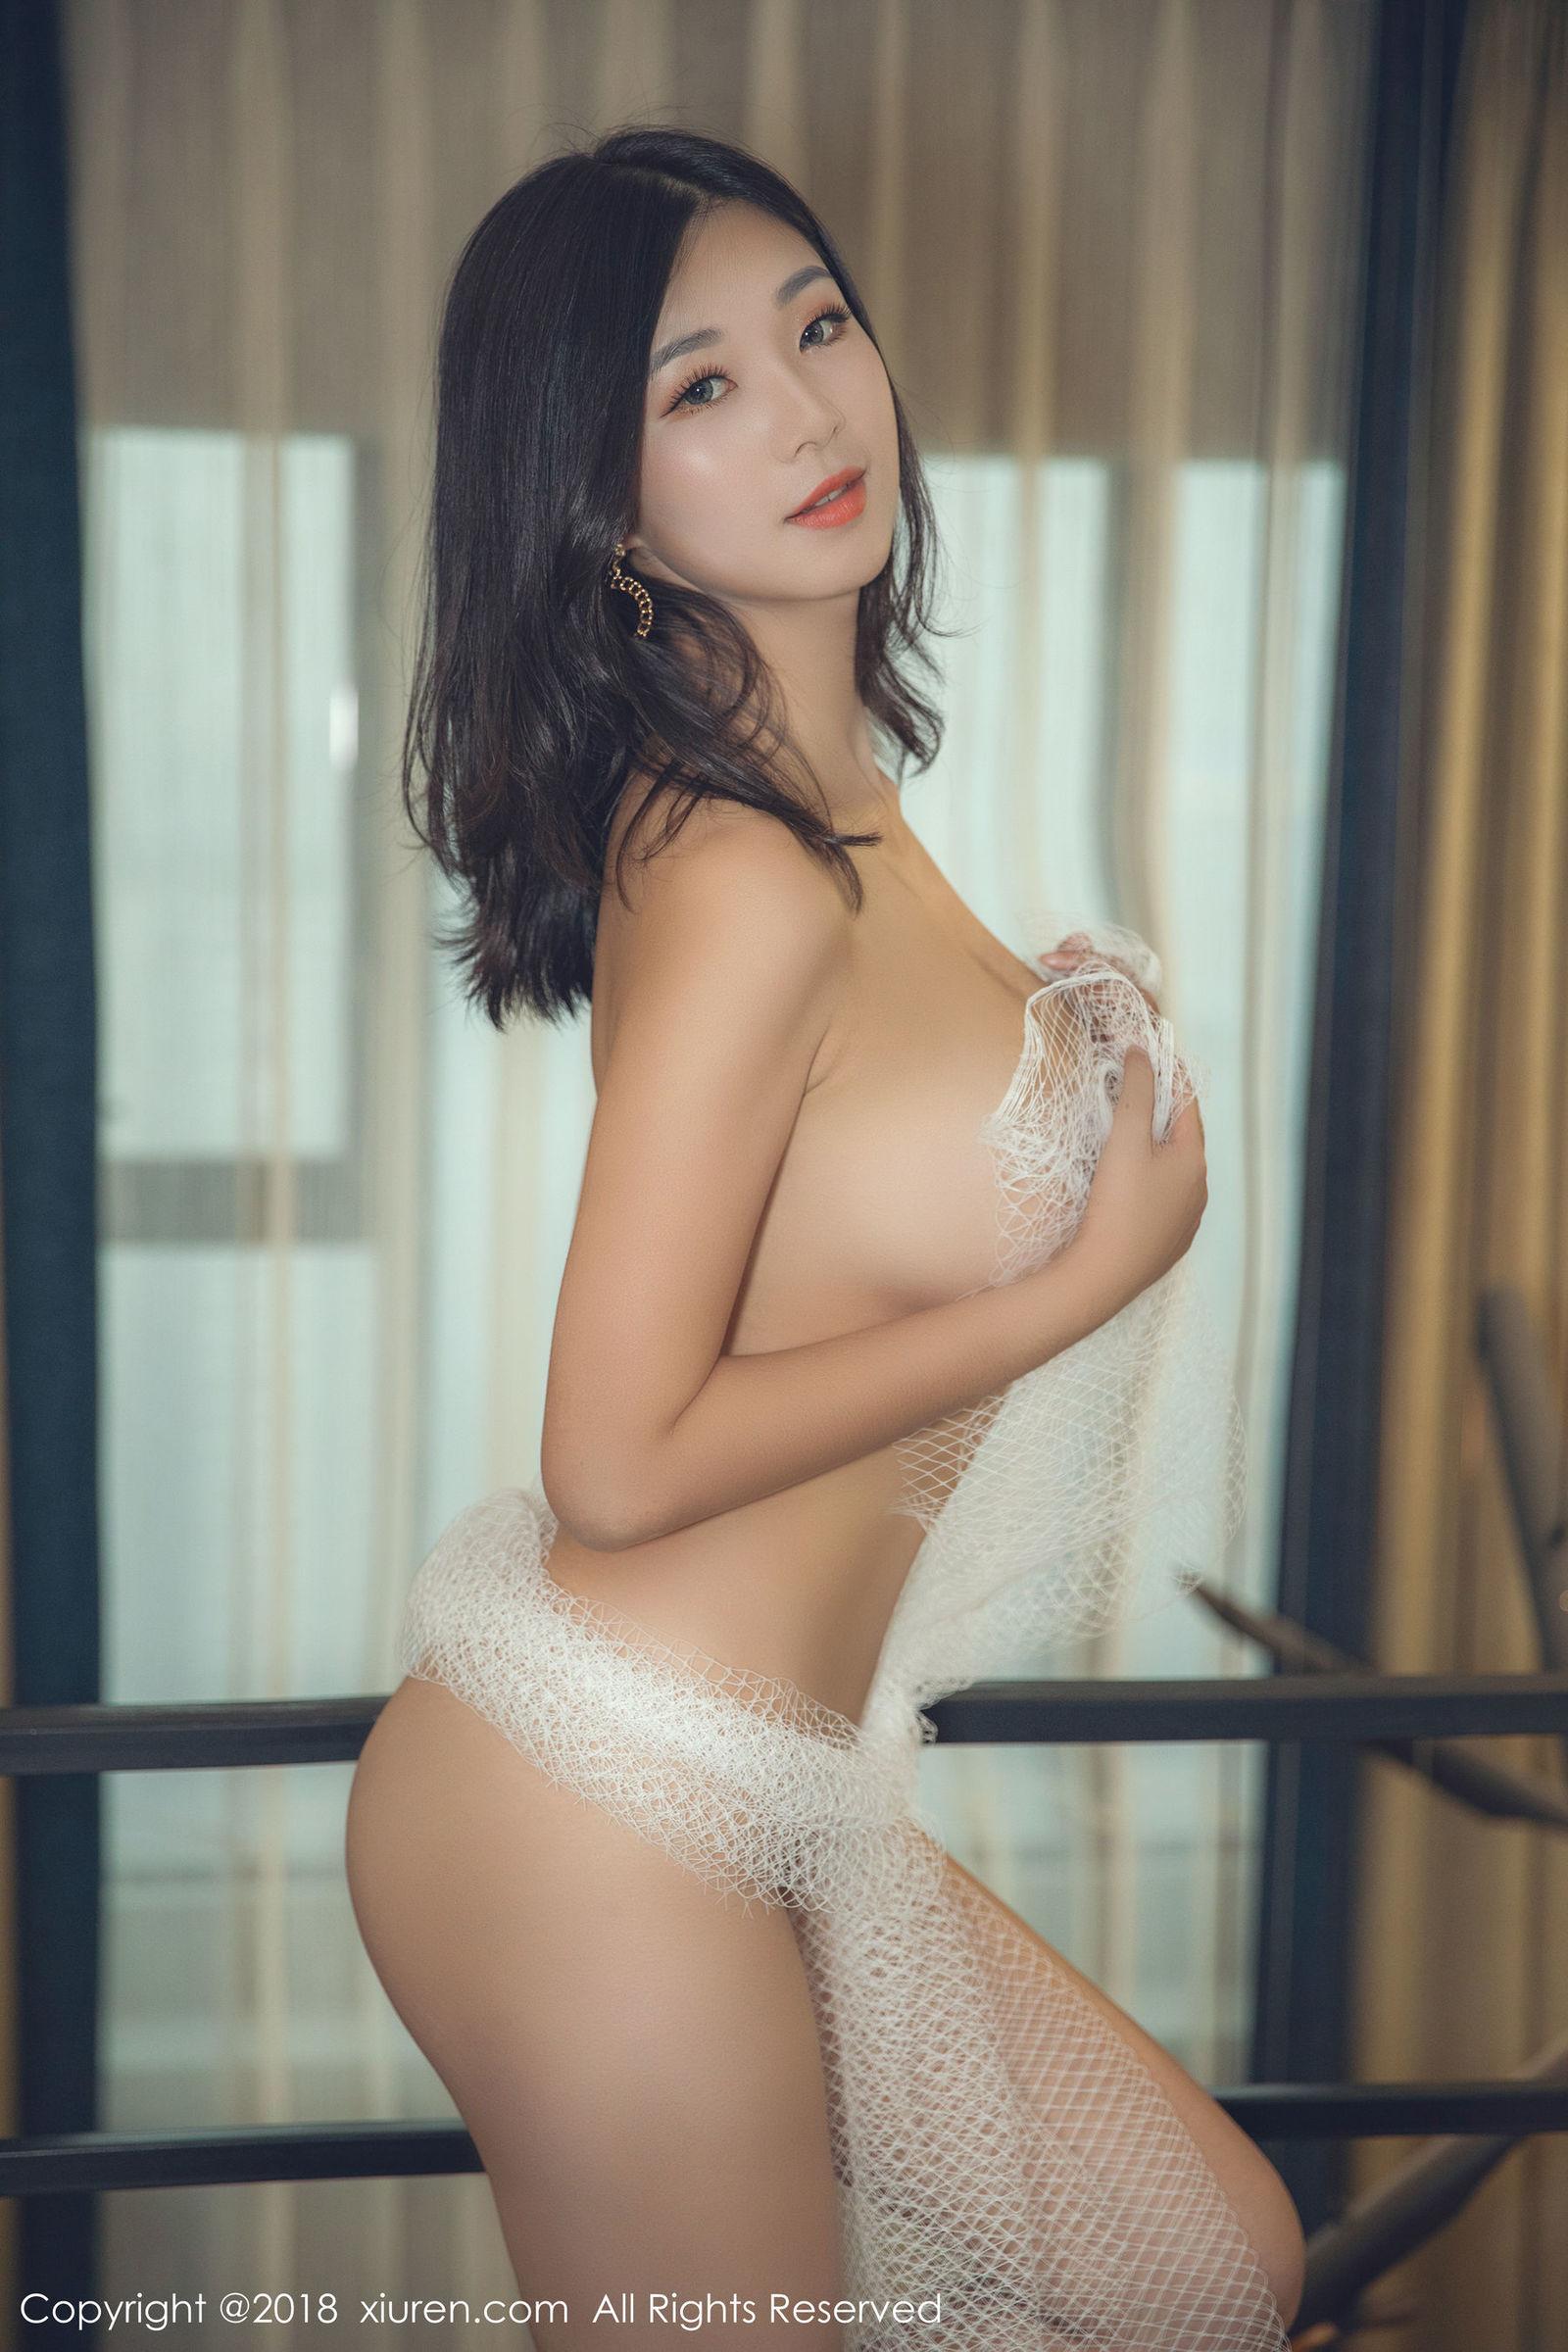 性感女神@宋-KiKi - 大尺度福利套图